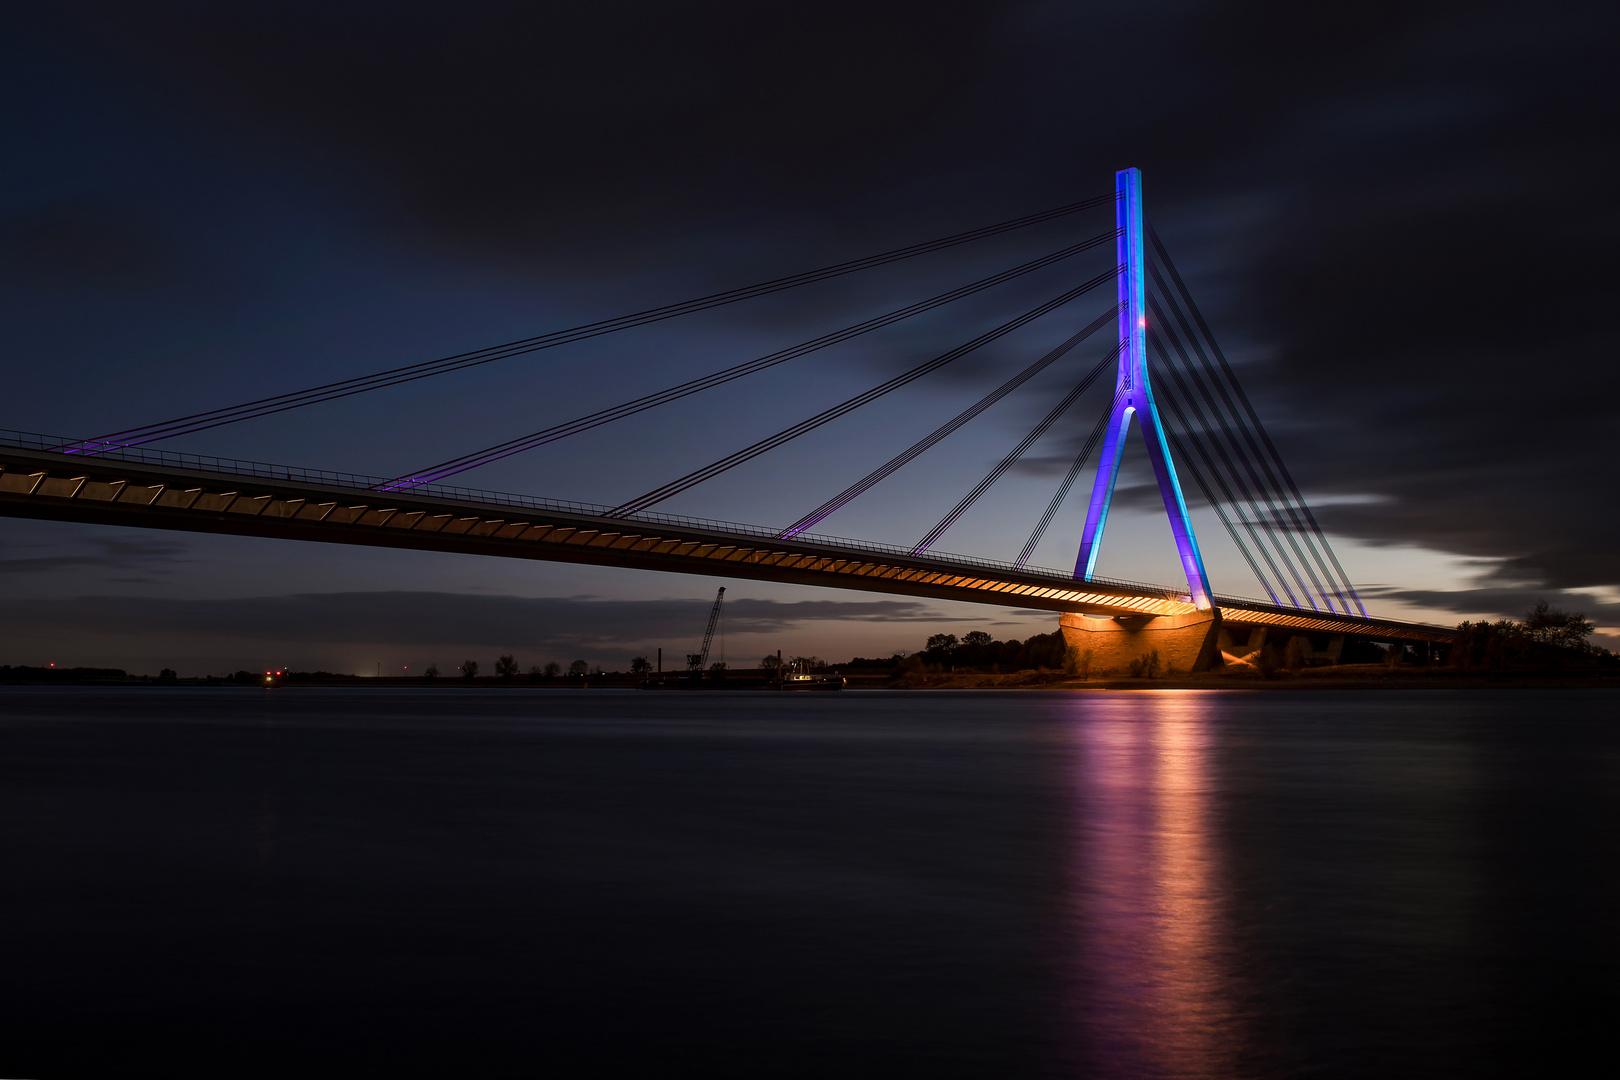 Niederrheinbrücke Wesel